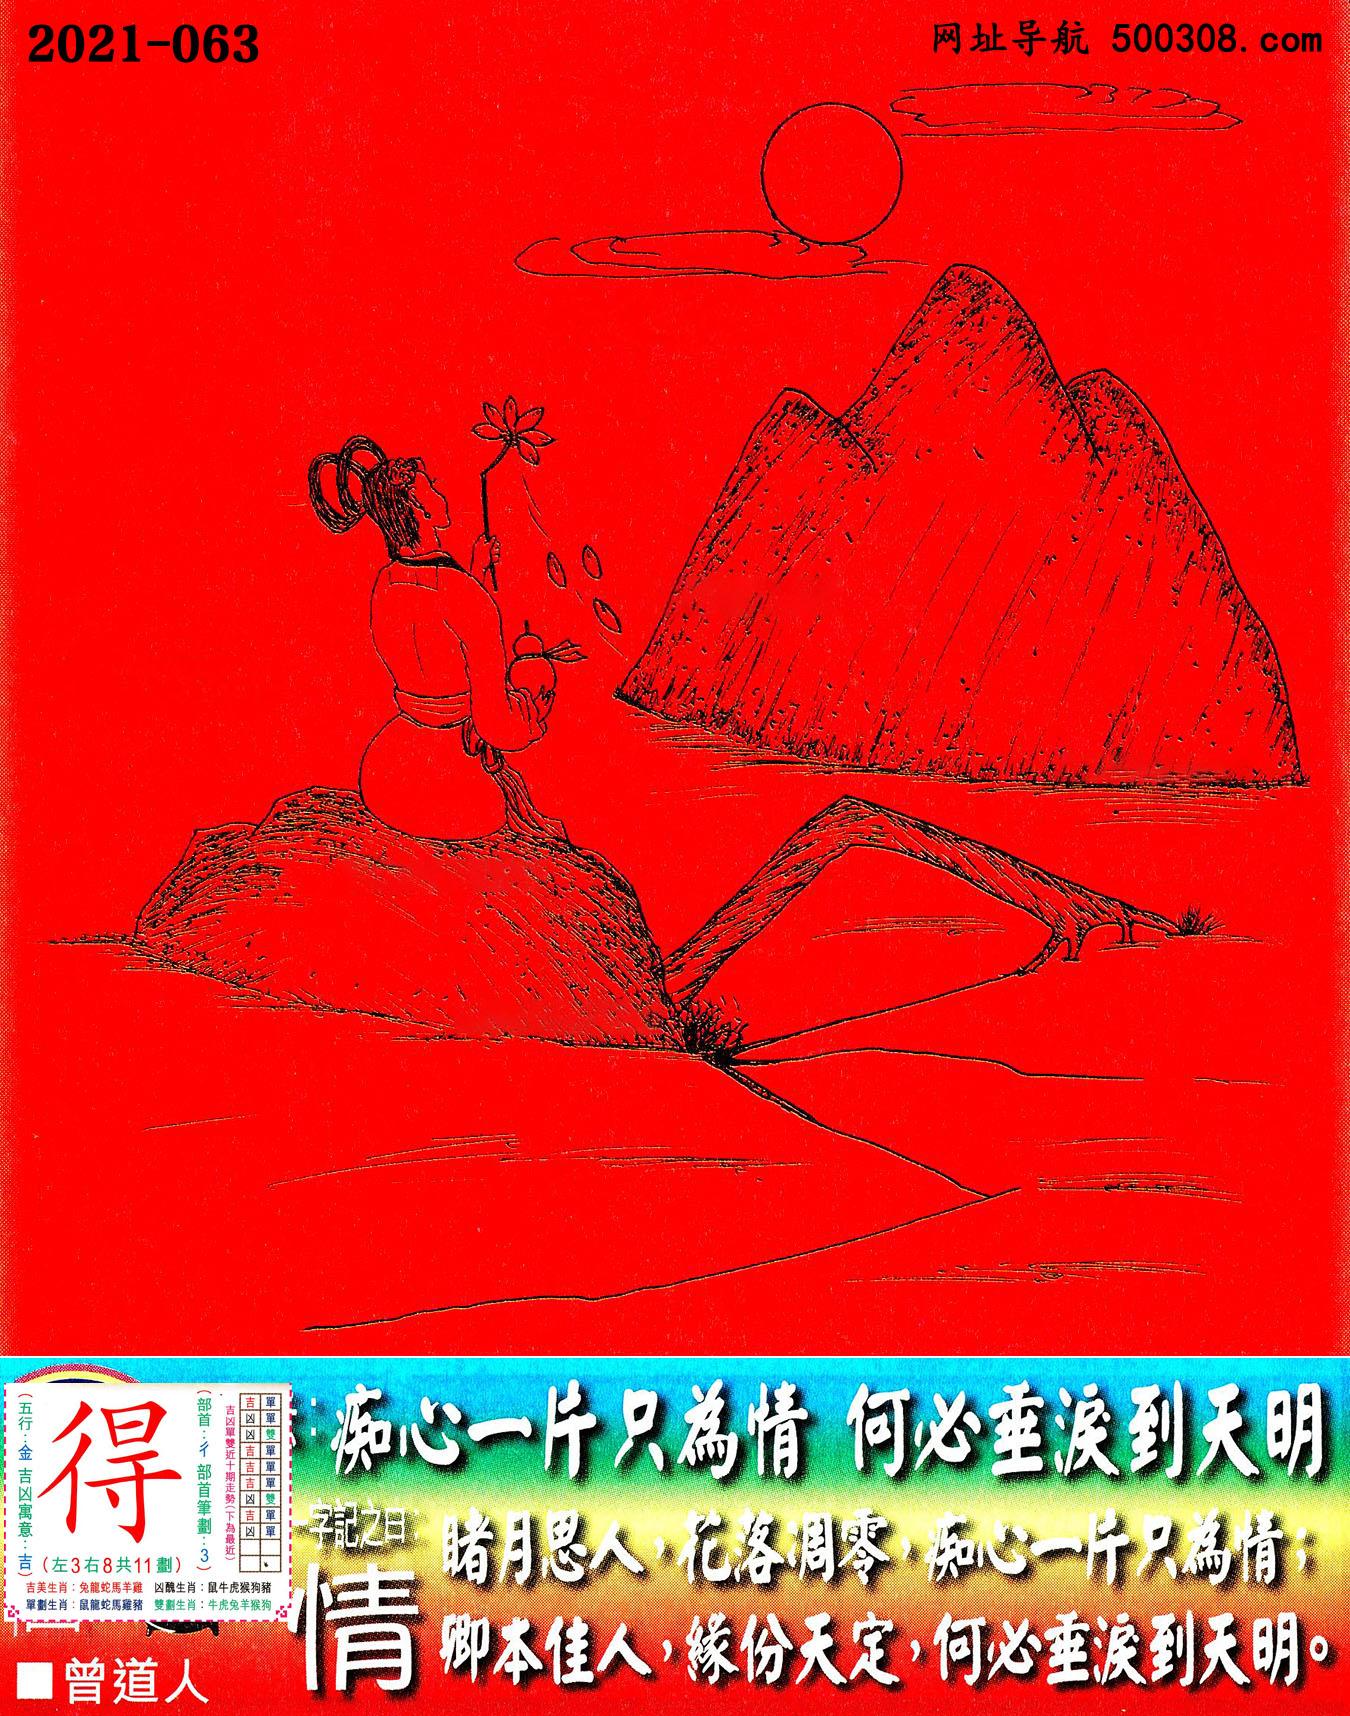 063期老版跑狗一字�之曰:【情】_��:痴心一片只�榍椋�何必垂�I到天明。